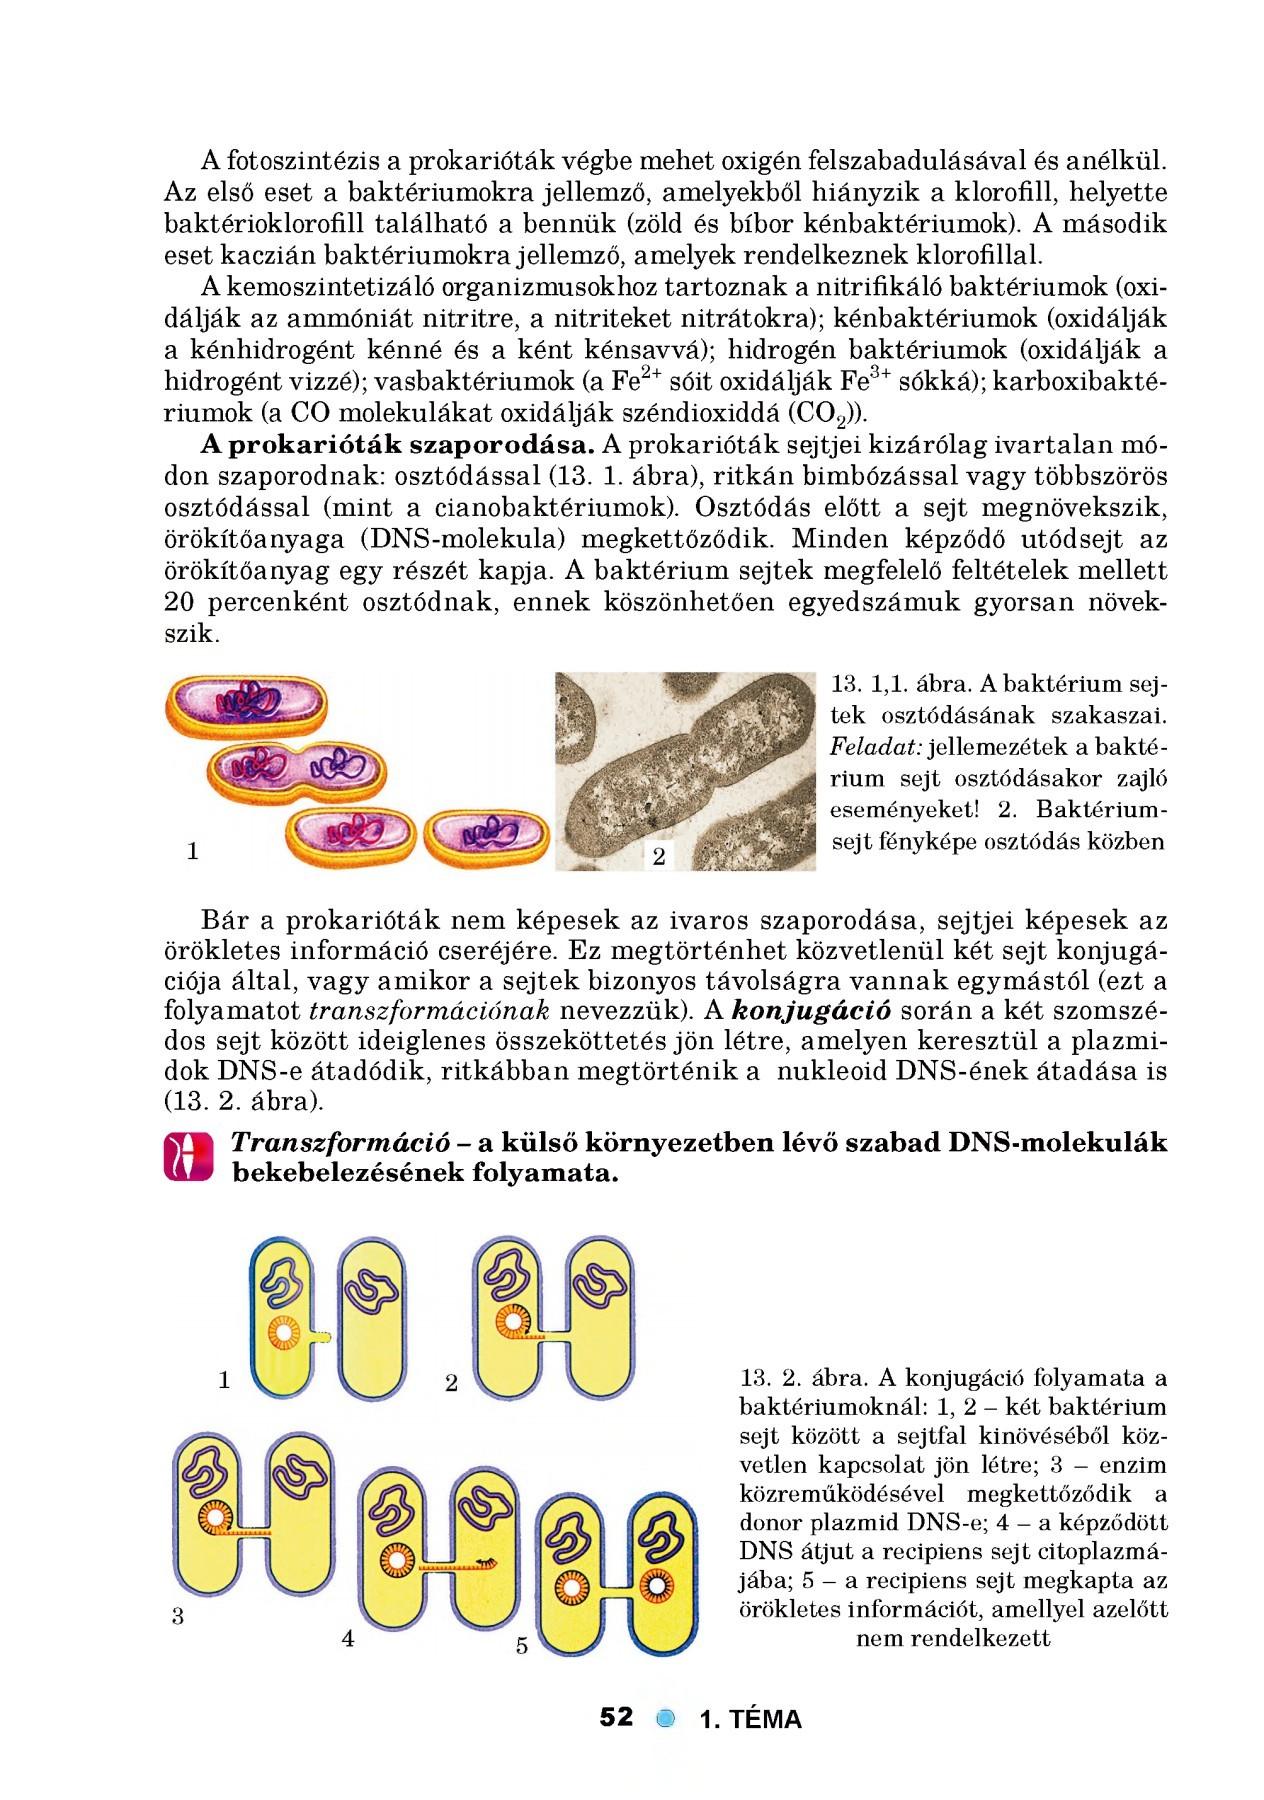 mennyi giardiasis kezelik a paraziták milyen kiütést okoznak